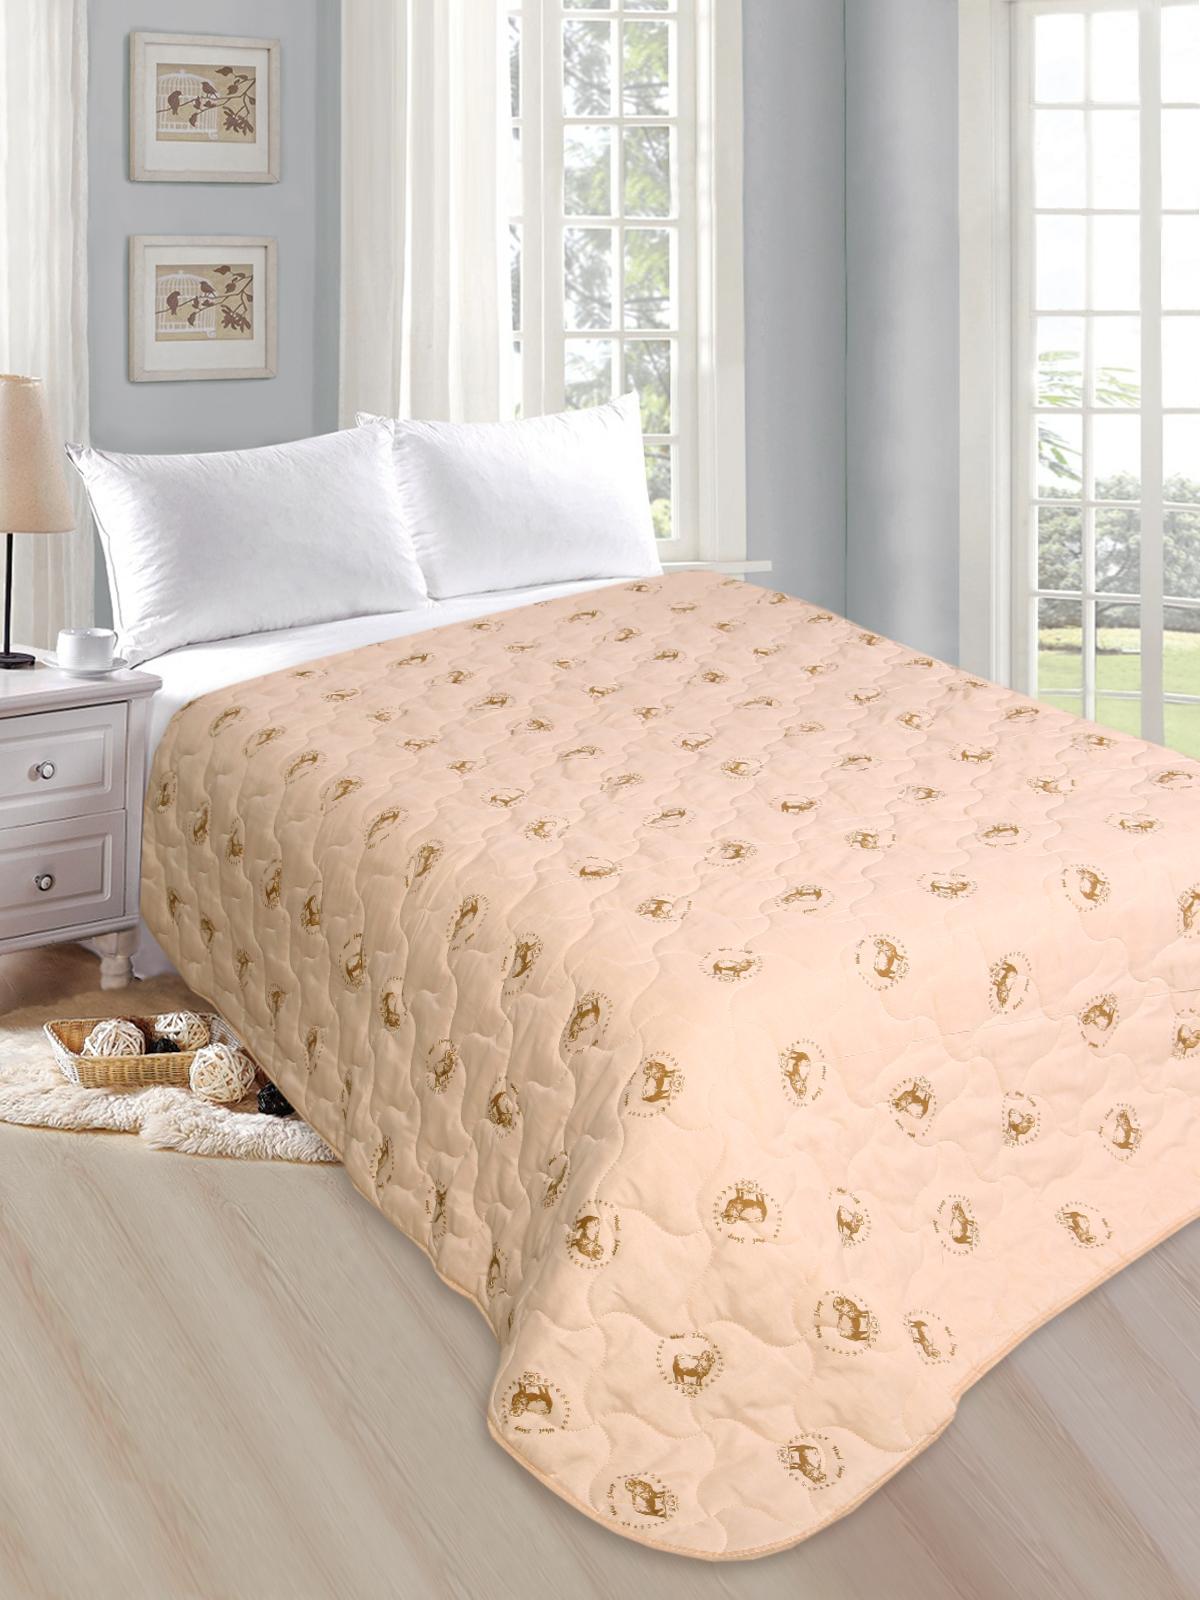 Одеяло Овечка облегченное Спаленка пояс из овечьей шерсти овечка в ассортименте